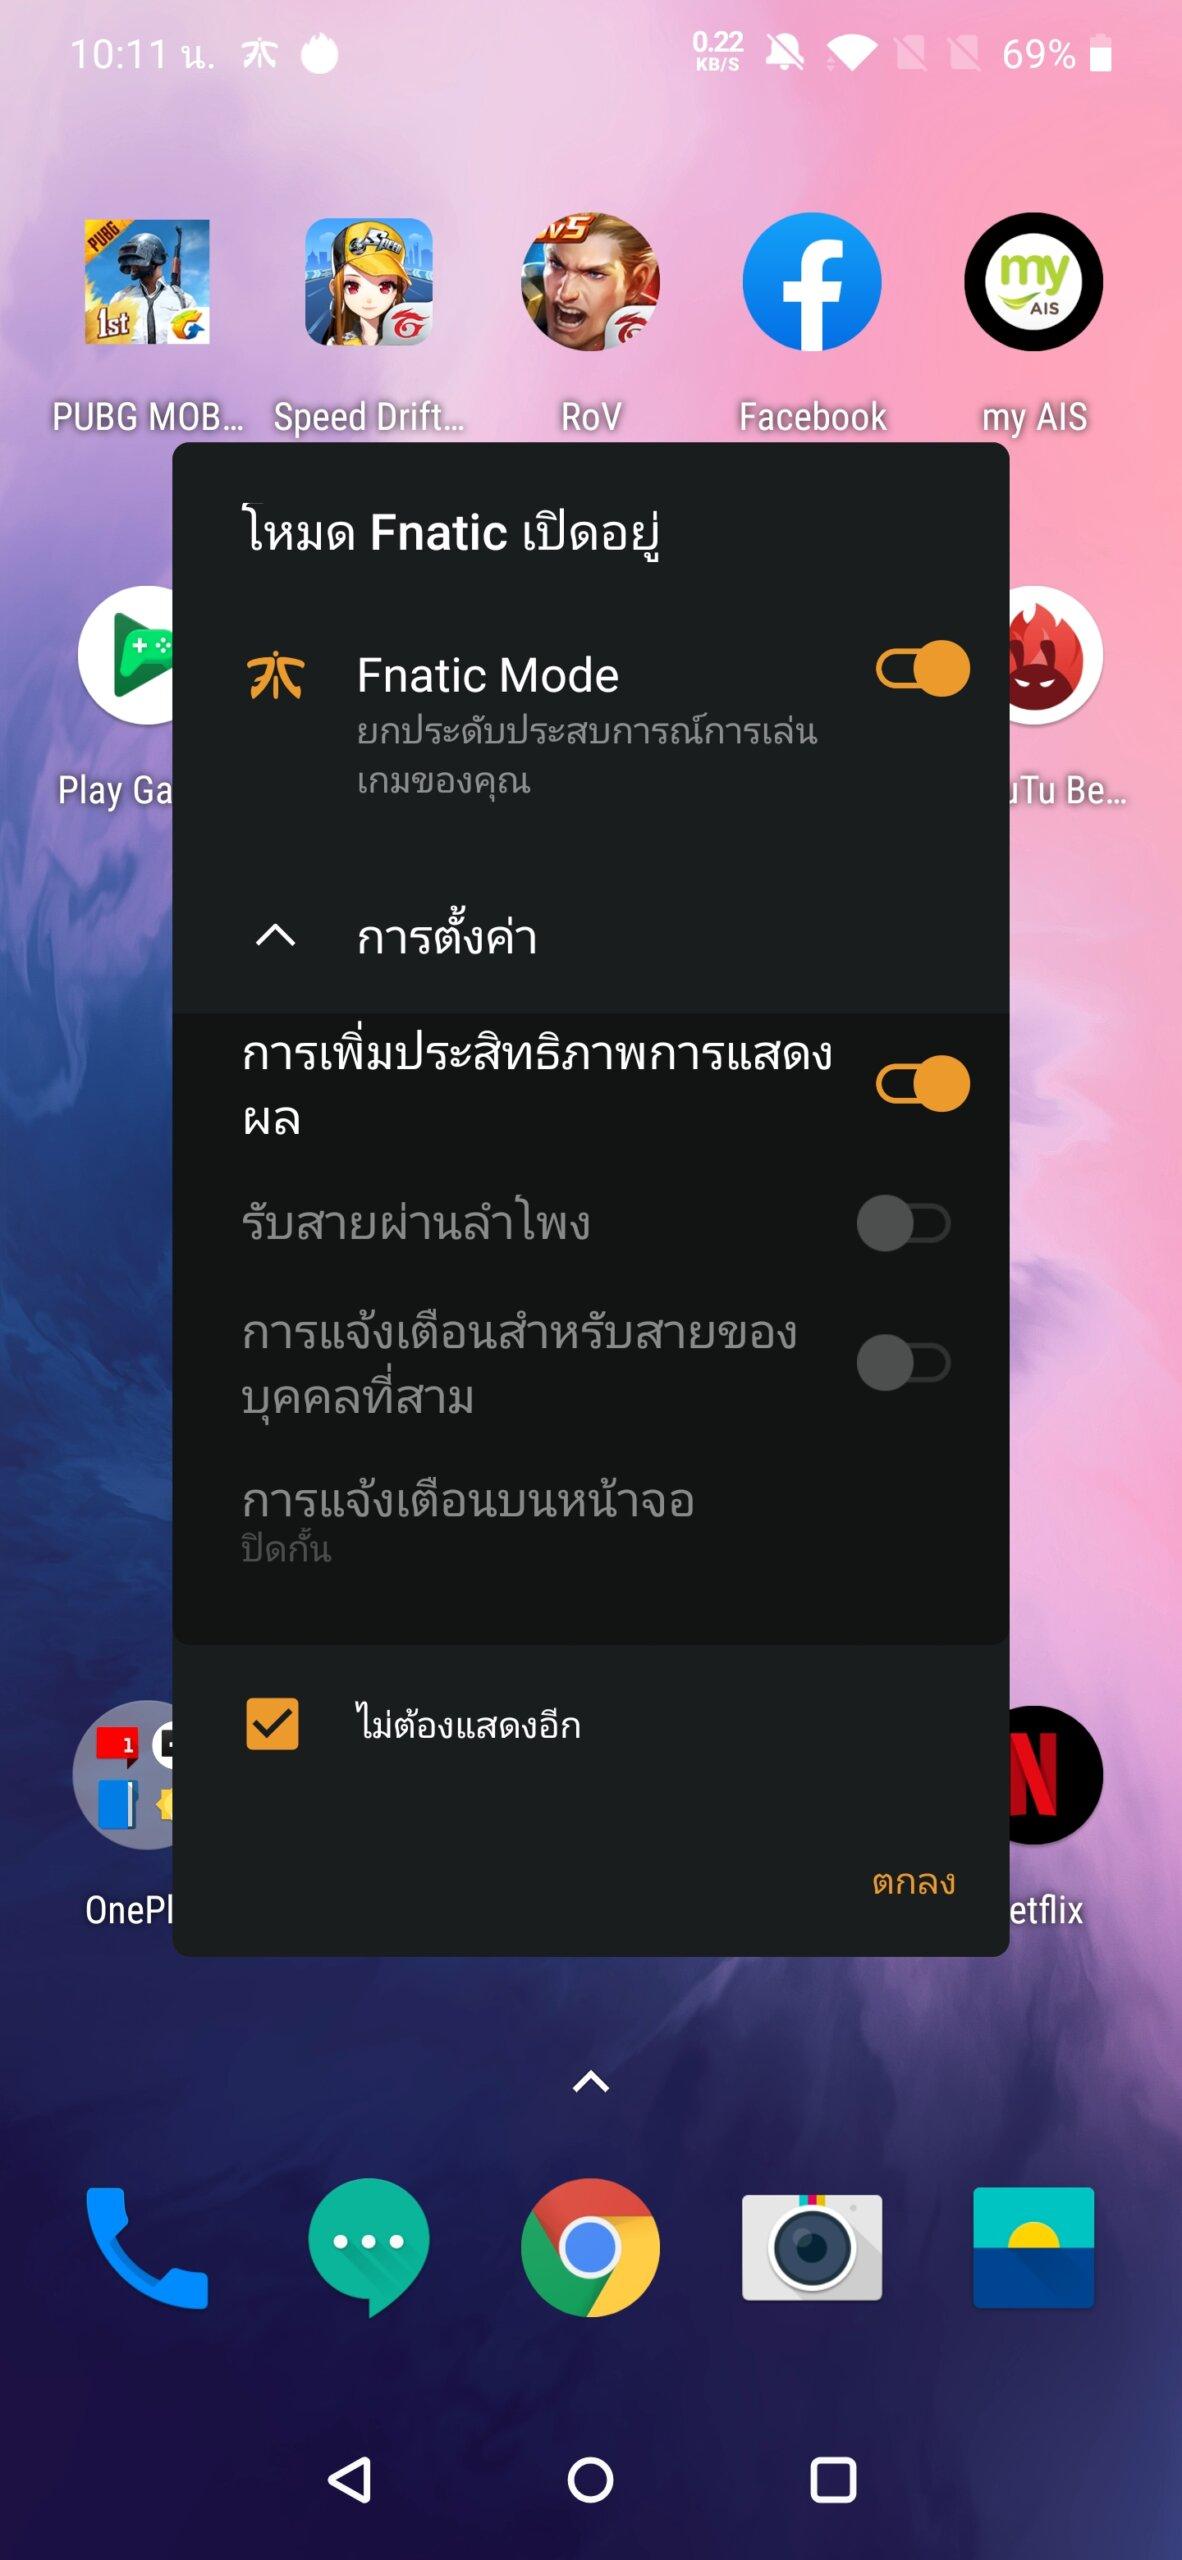 Screenshot 20190611 101148 scaled